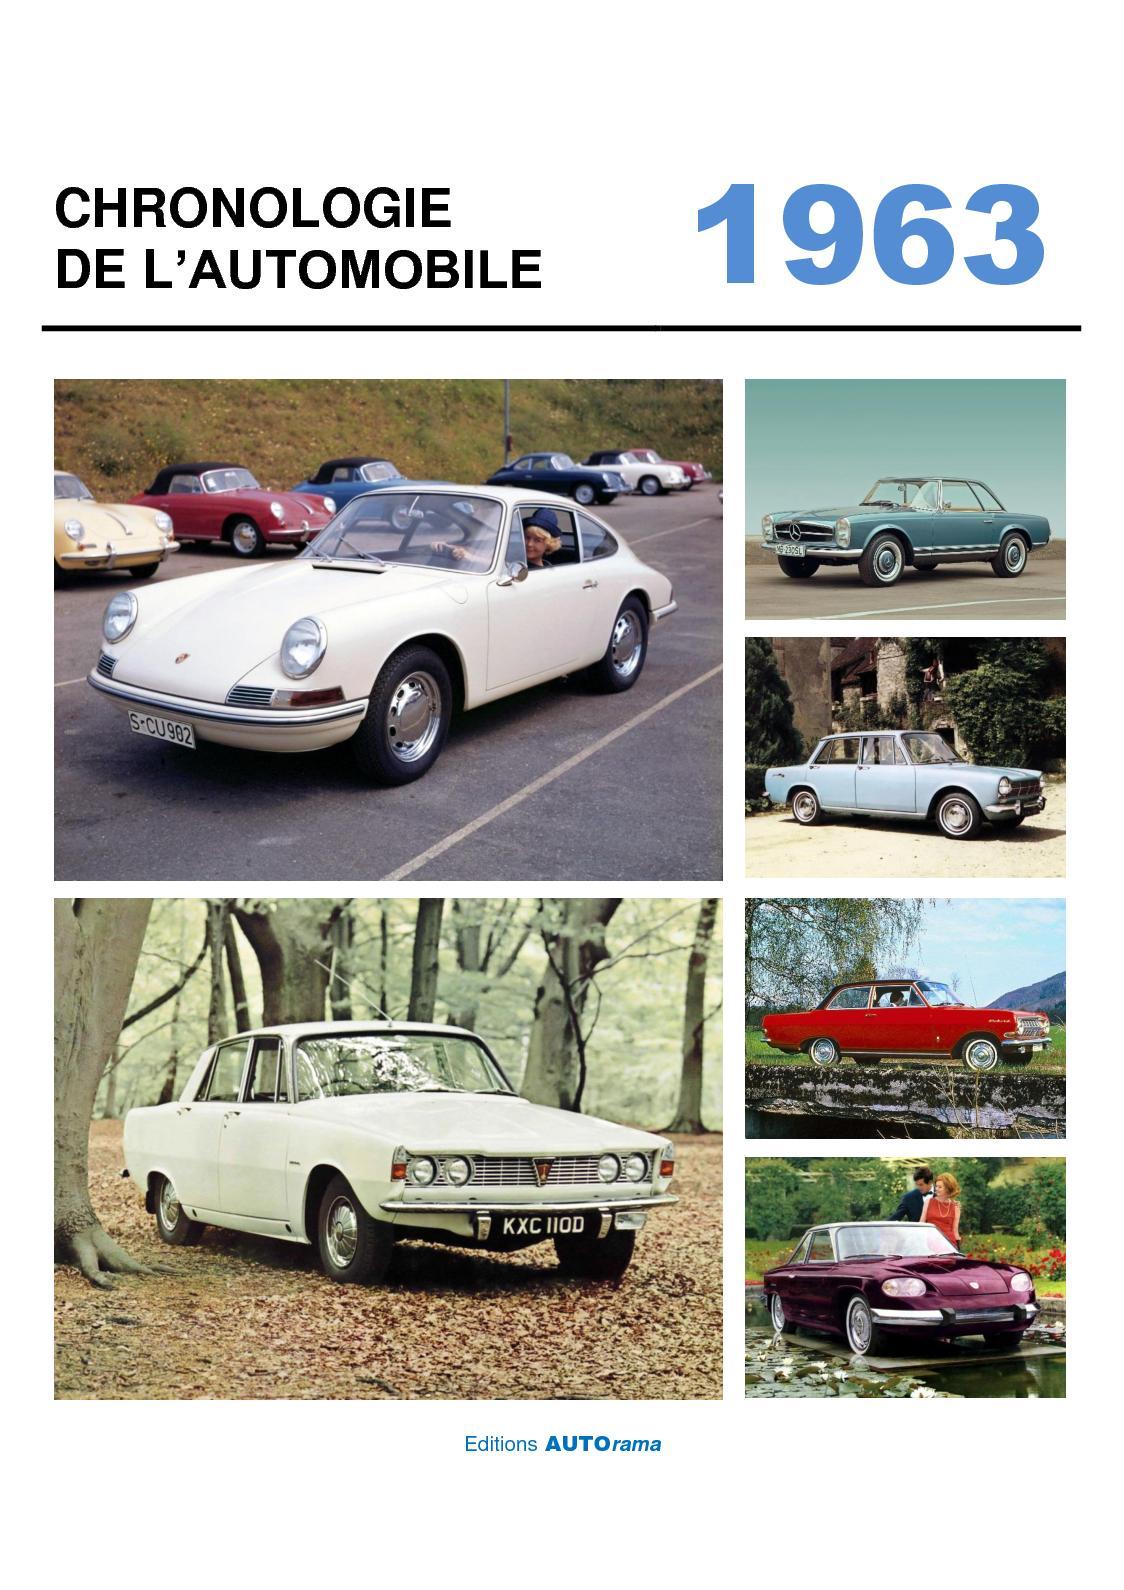 Chronologie de l'automobile - 1963